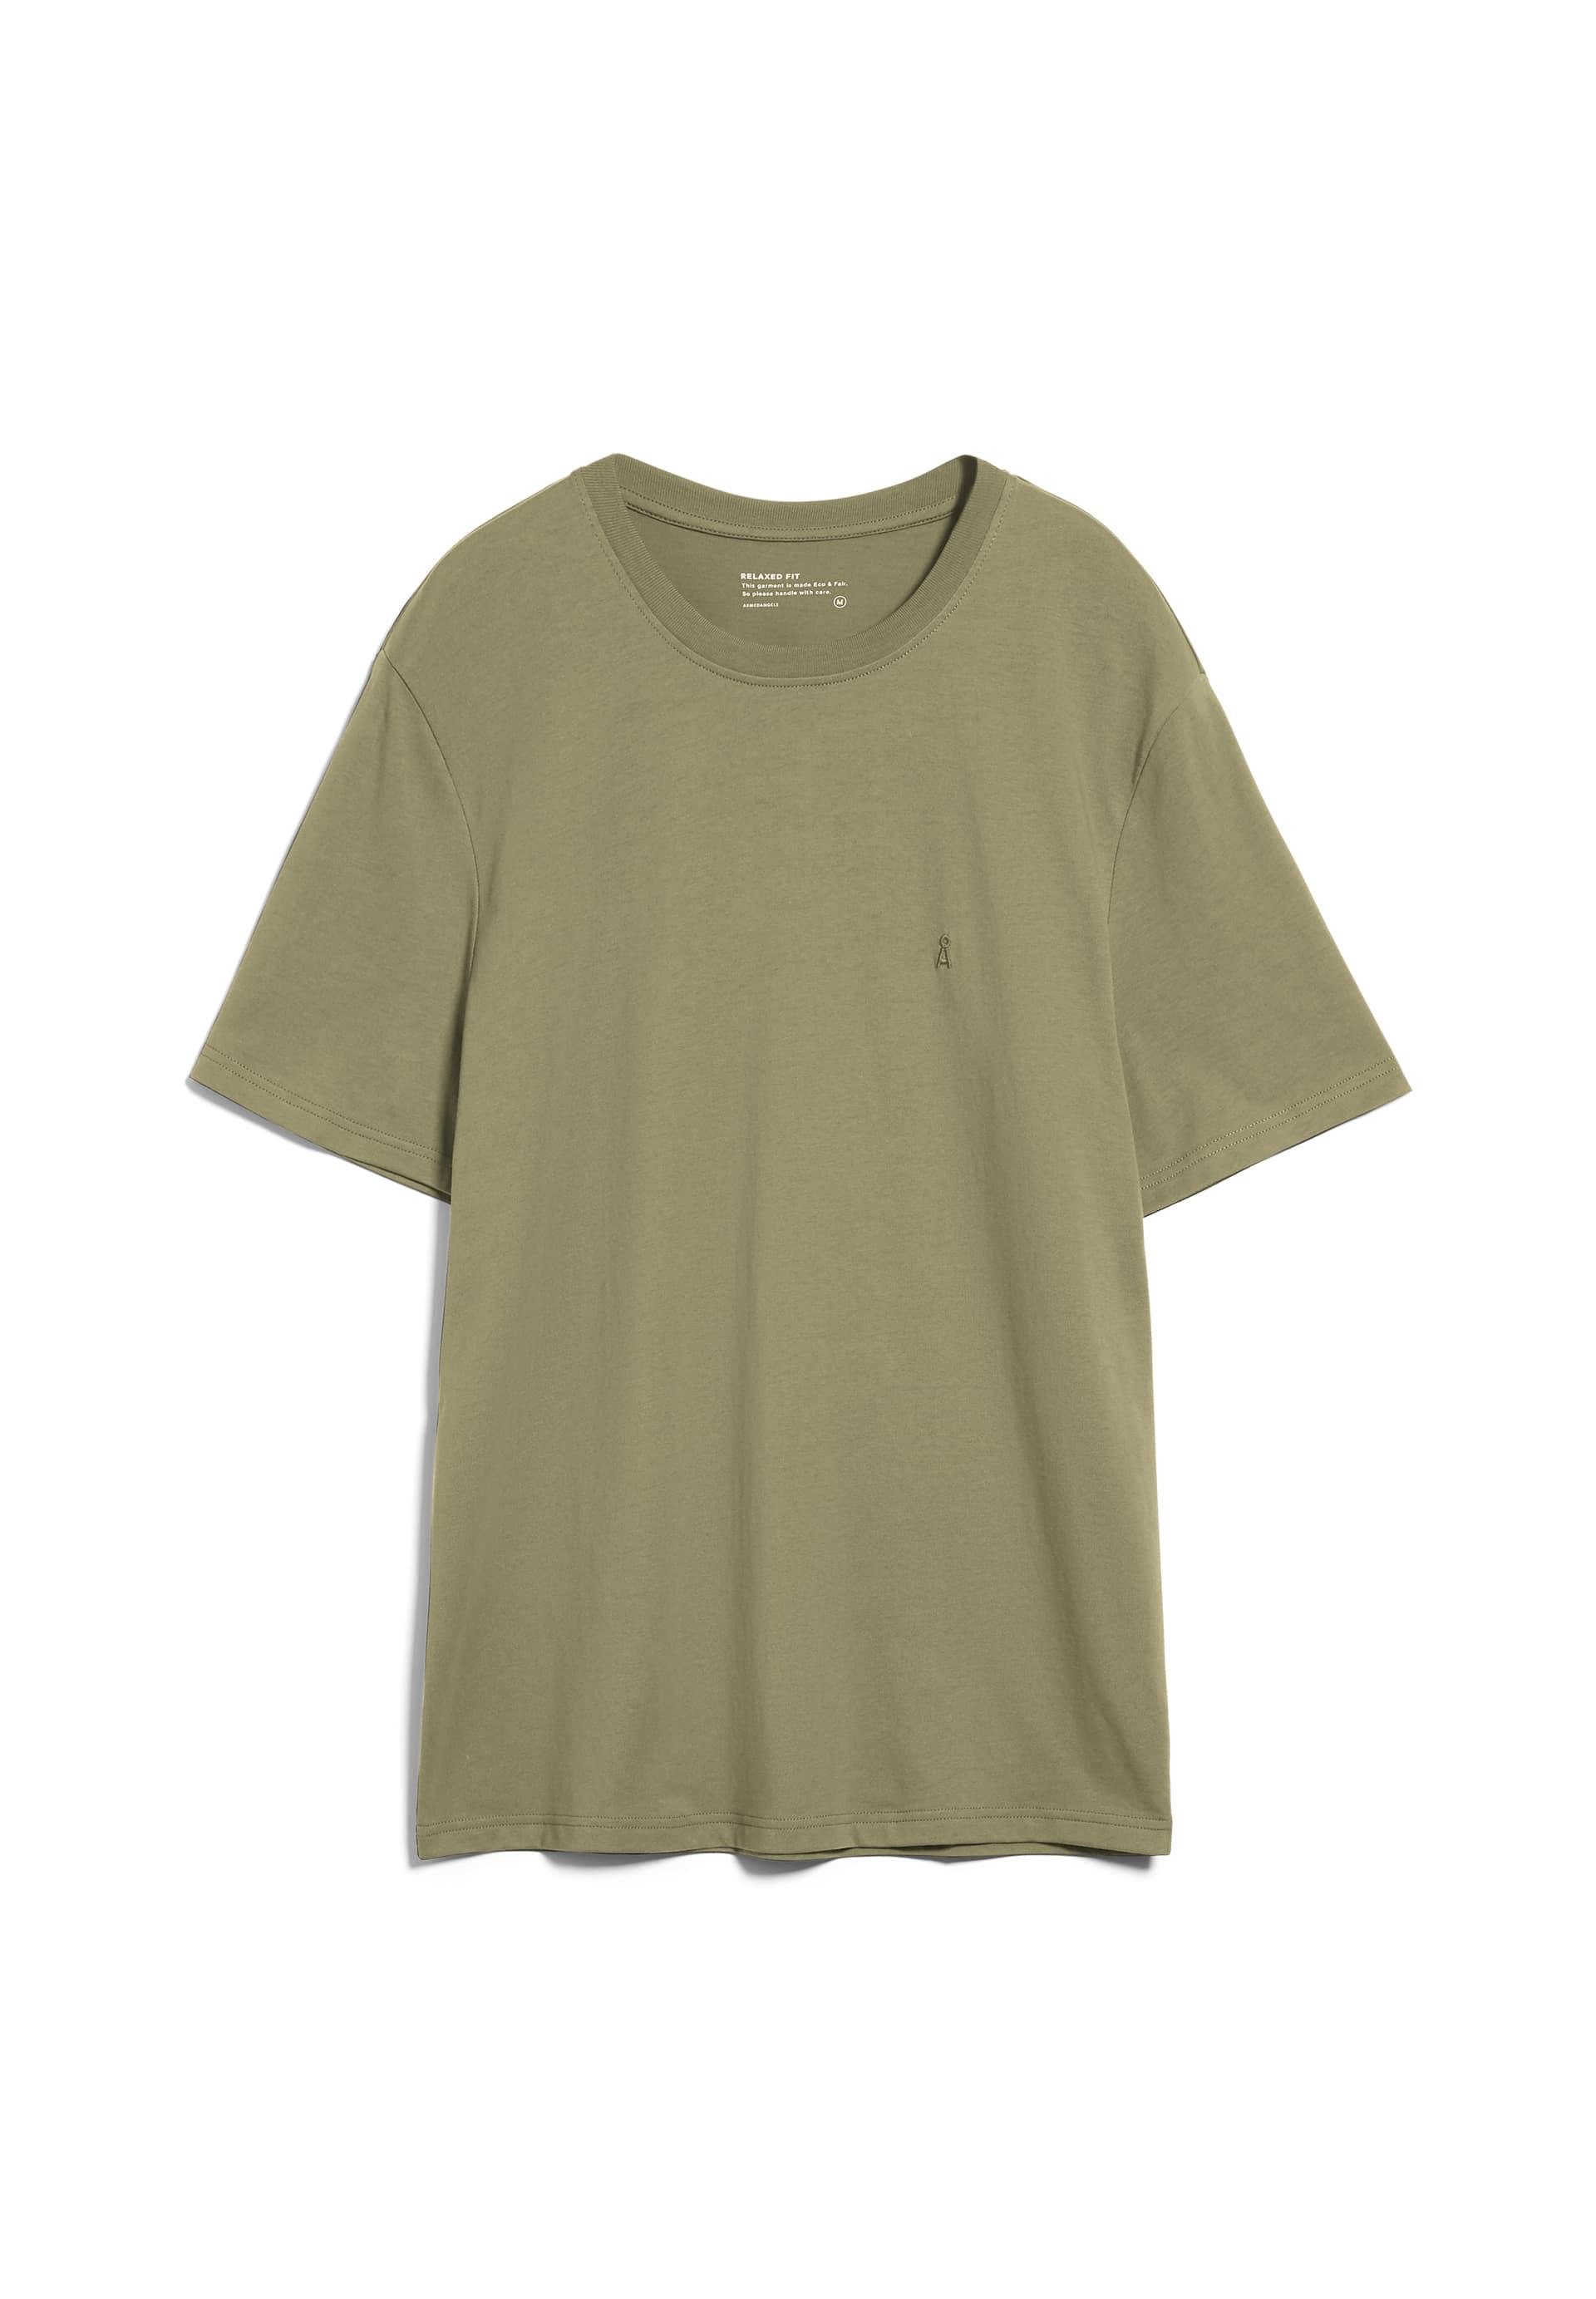 AADO T-shirt en coton bio